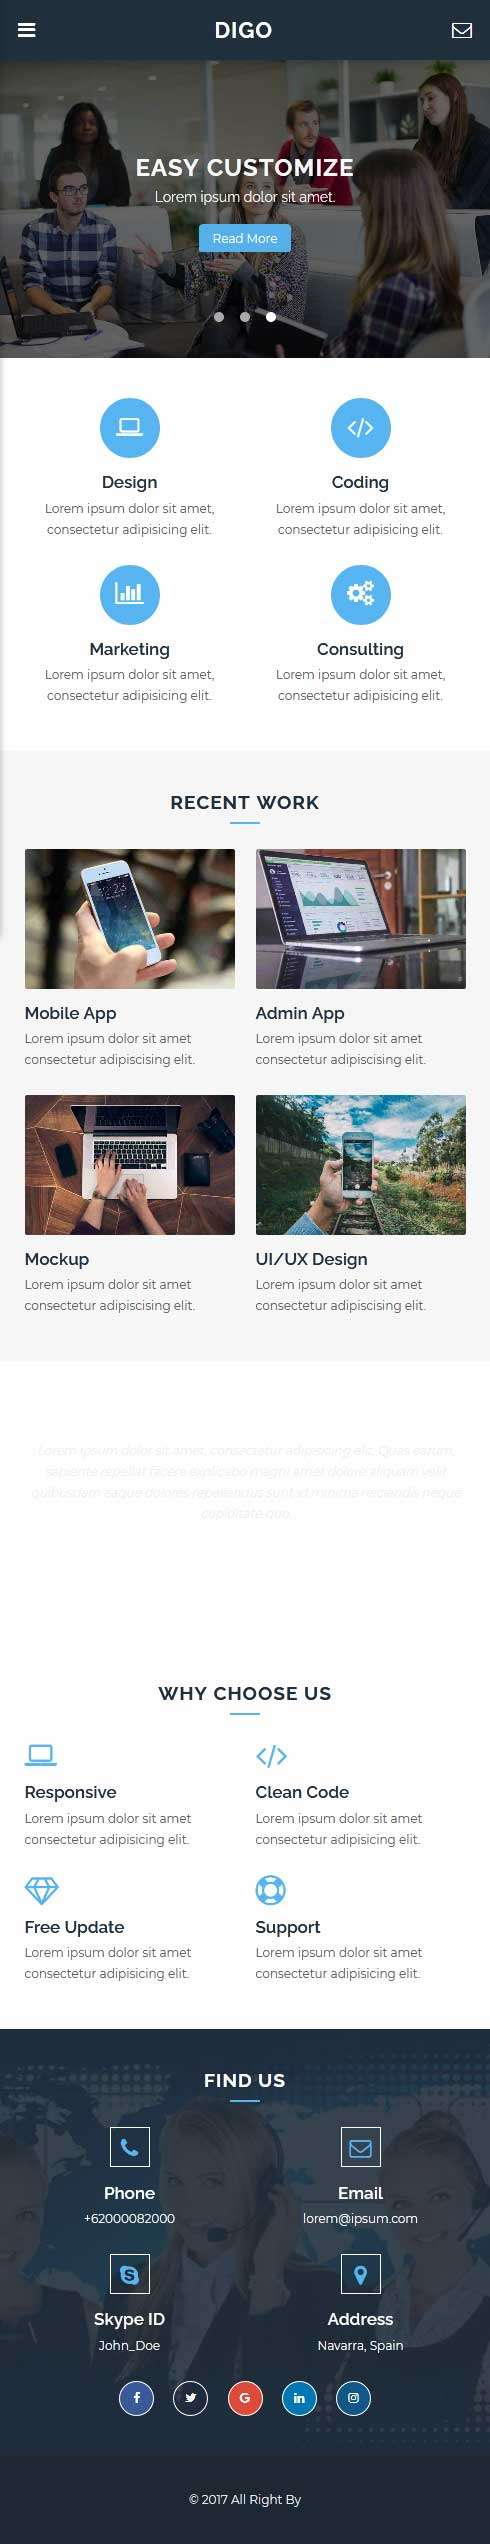 移动端企业产品展示网页模板